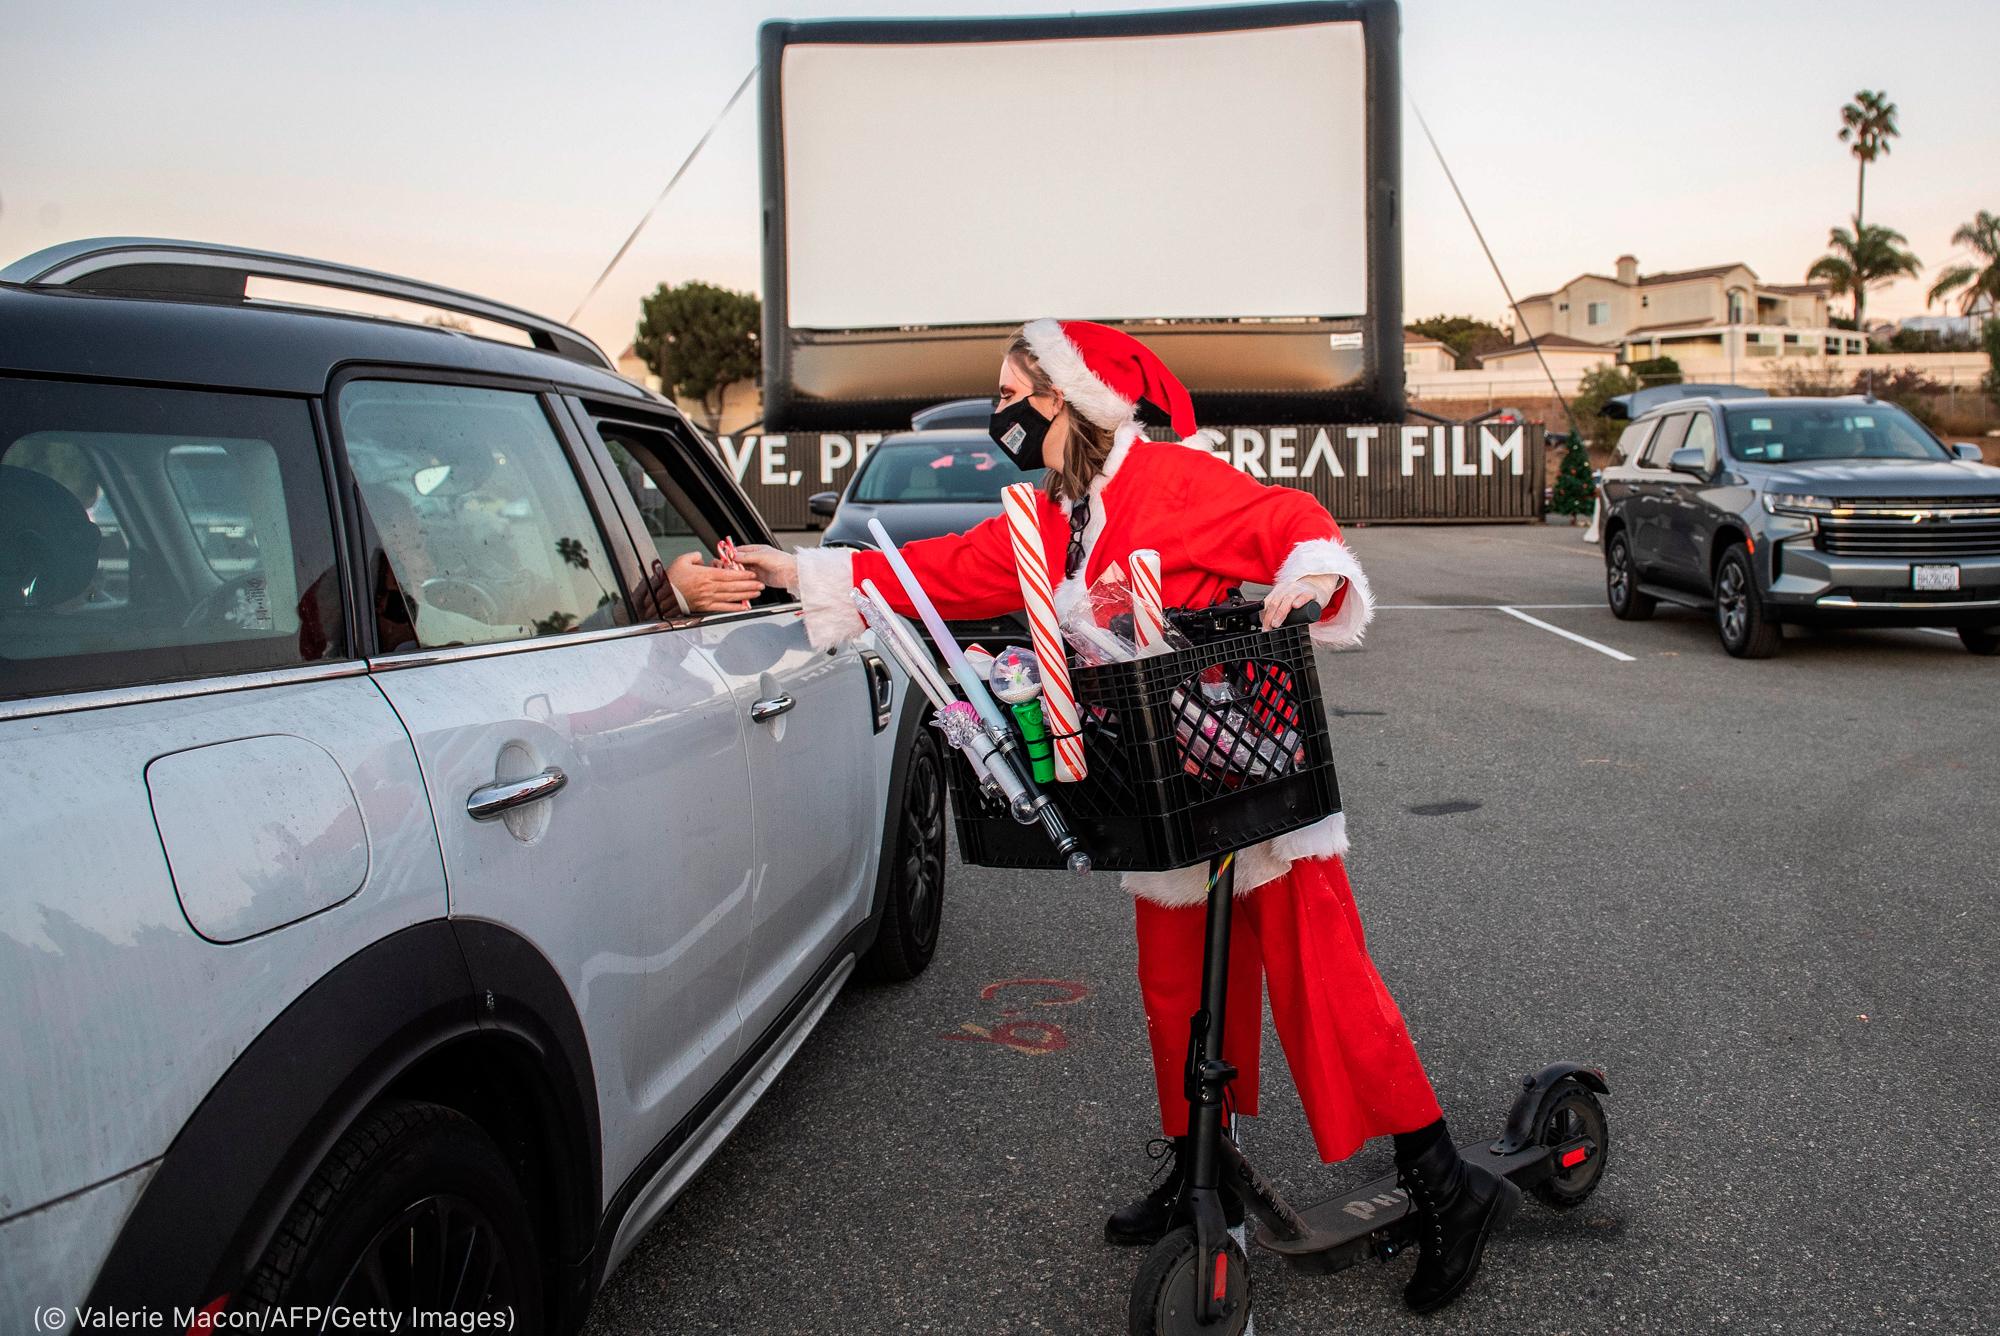 Une femme déguisée en Père Noël distribue des bonbons à des personnes dans leur voiture garée sur le parking d'un cinéma en plein air (© Valerie Macon/AFP/Getty Images)